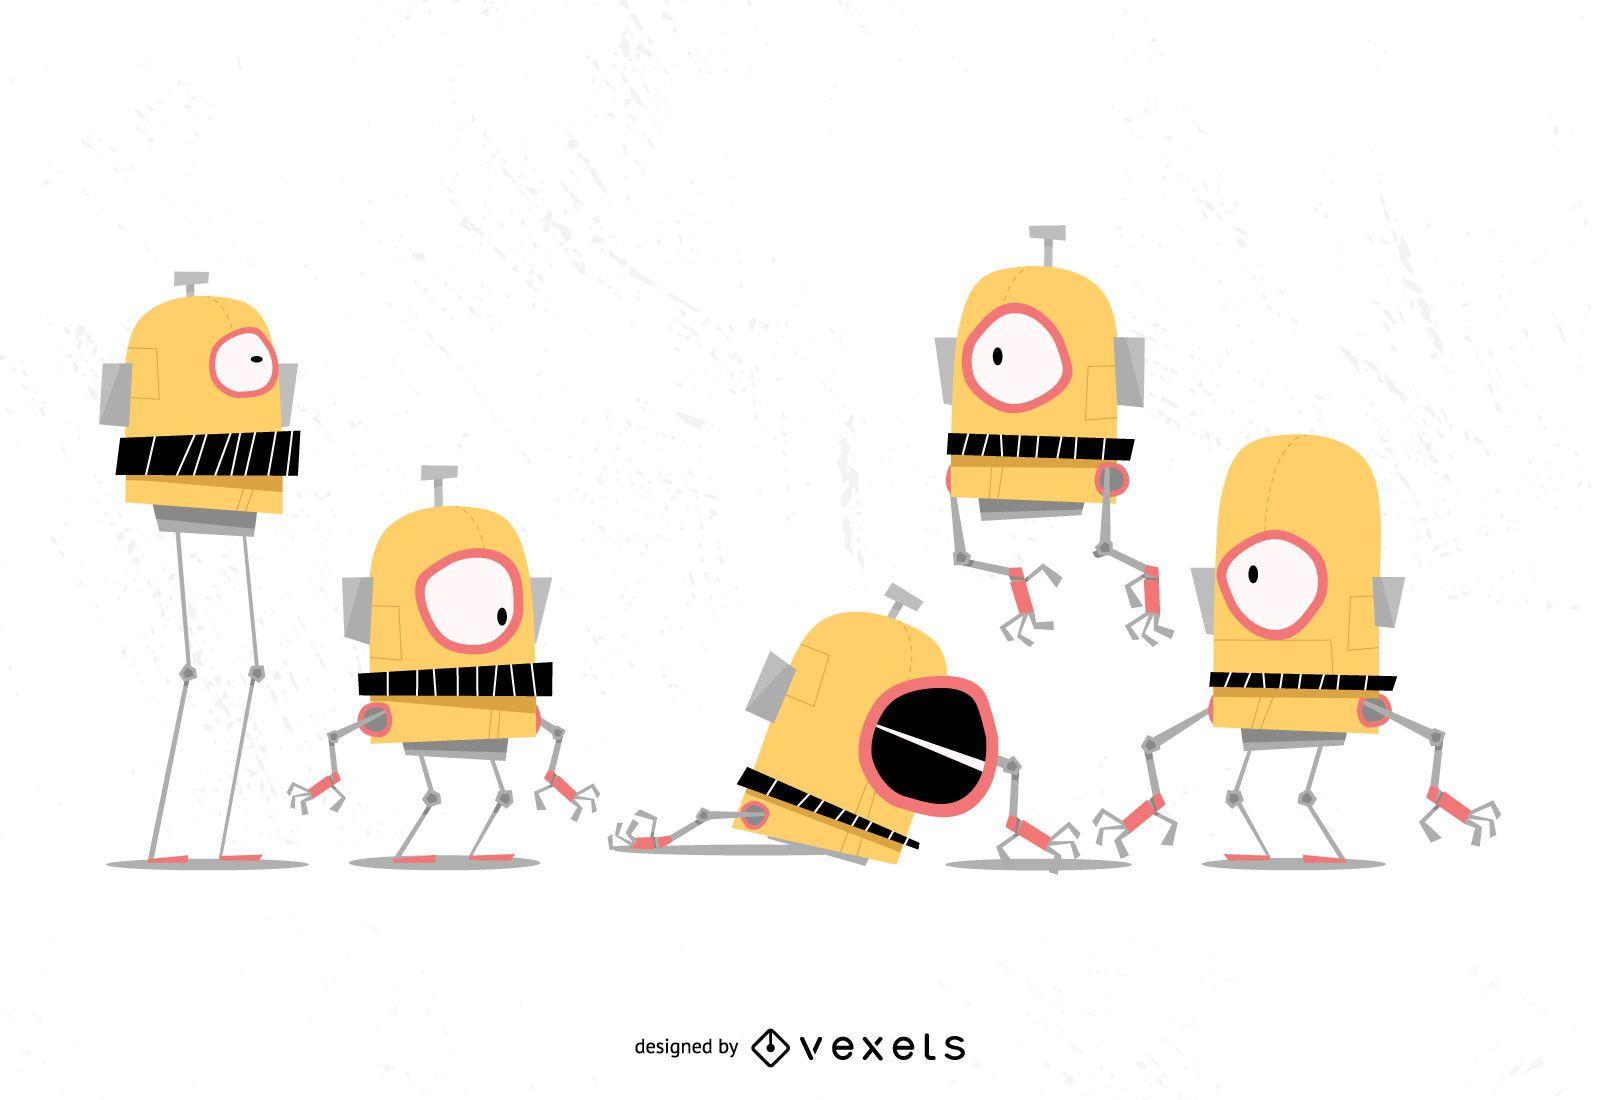 Conjunto de vectores de dibujos animados de robot divertido